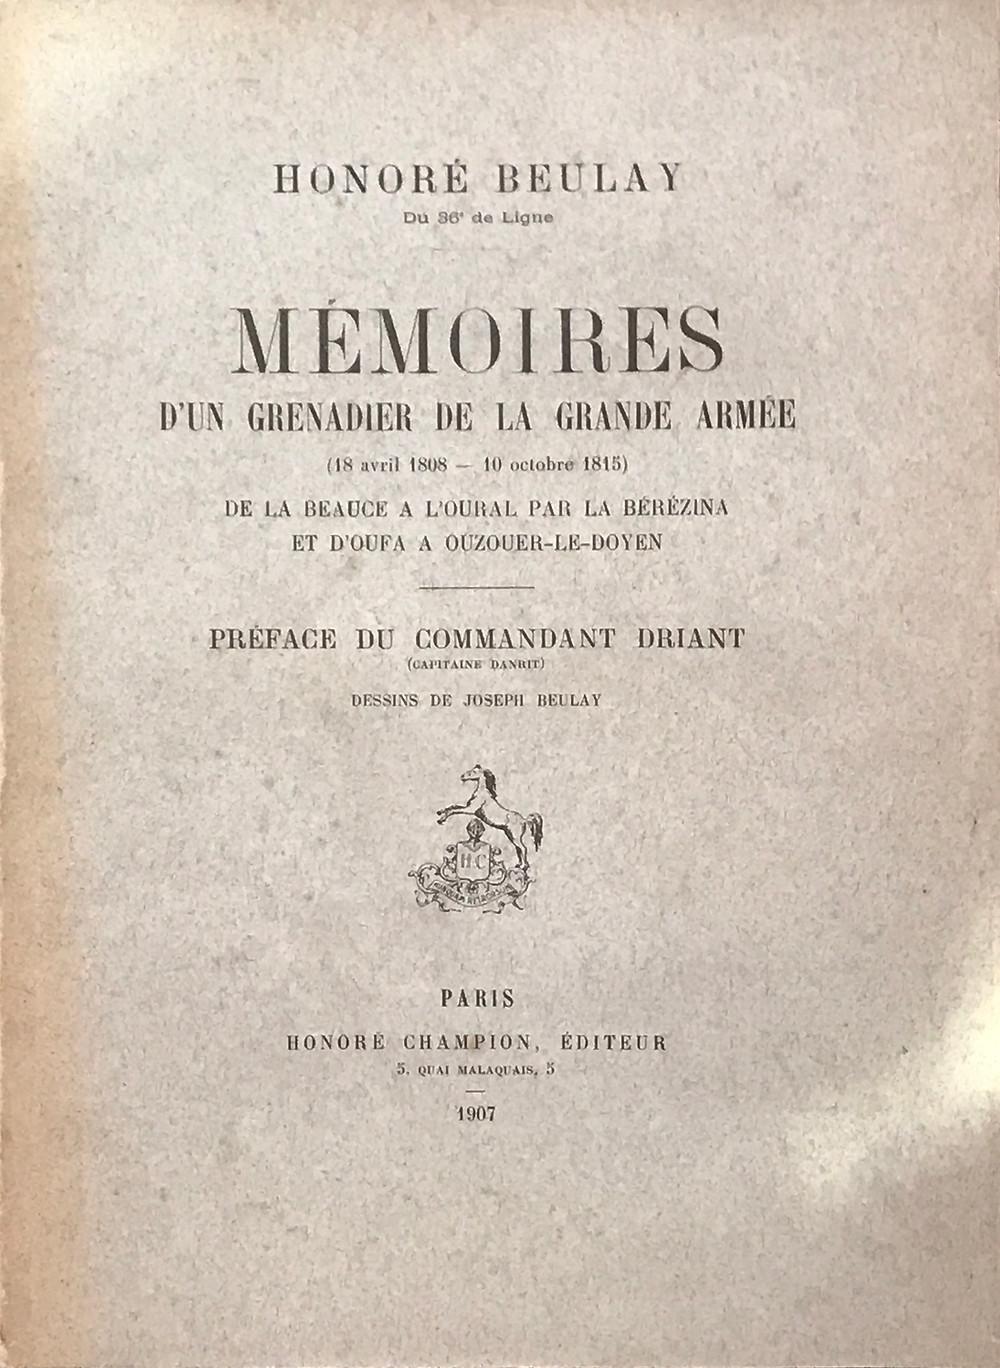 Edition originale des Mémoires d'Honoré Beulay